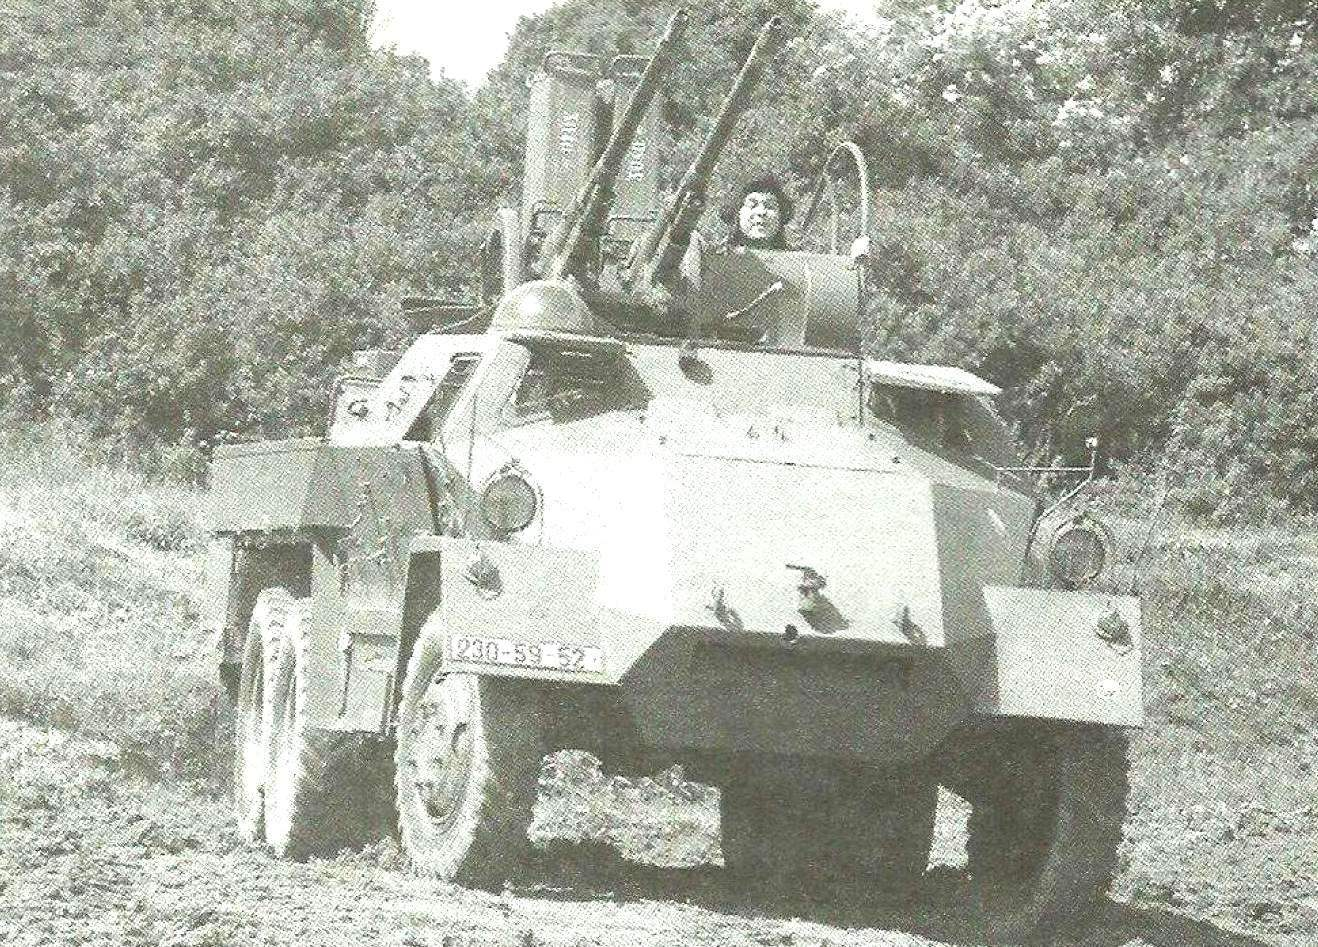 Зенитная «Ящерица» на демонстрации бронетанковых образцов. Музей военной техники чешского города Лешаны